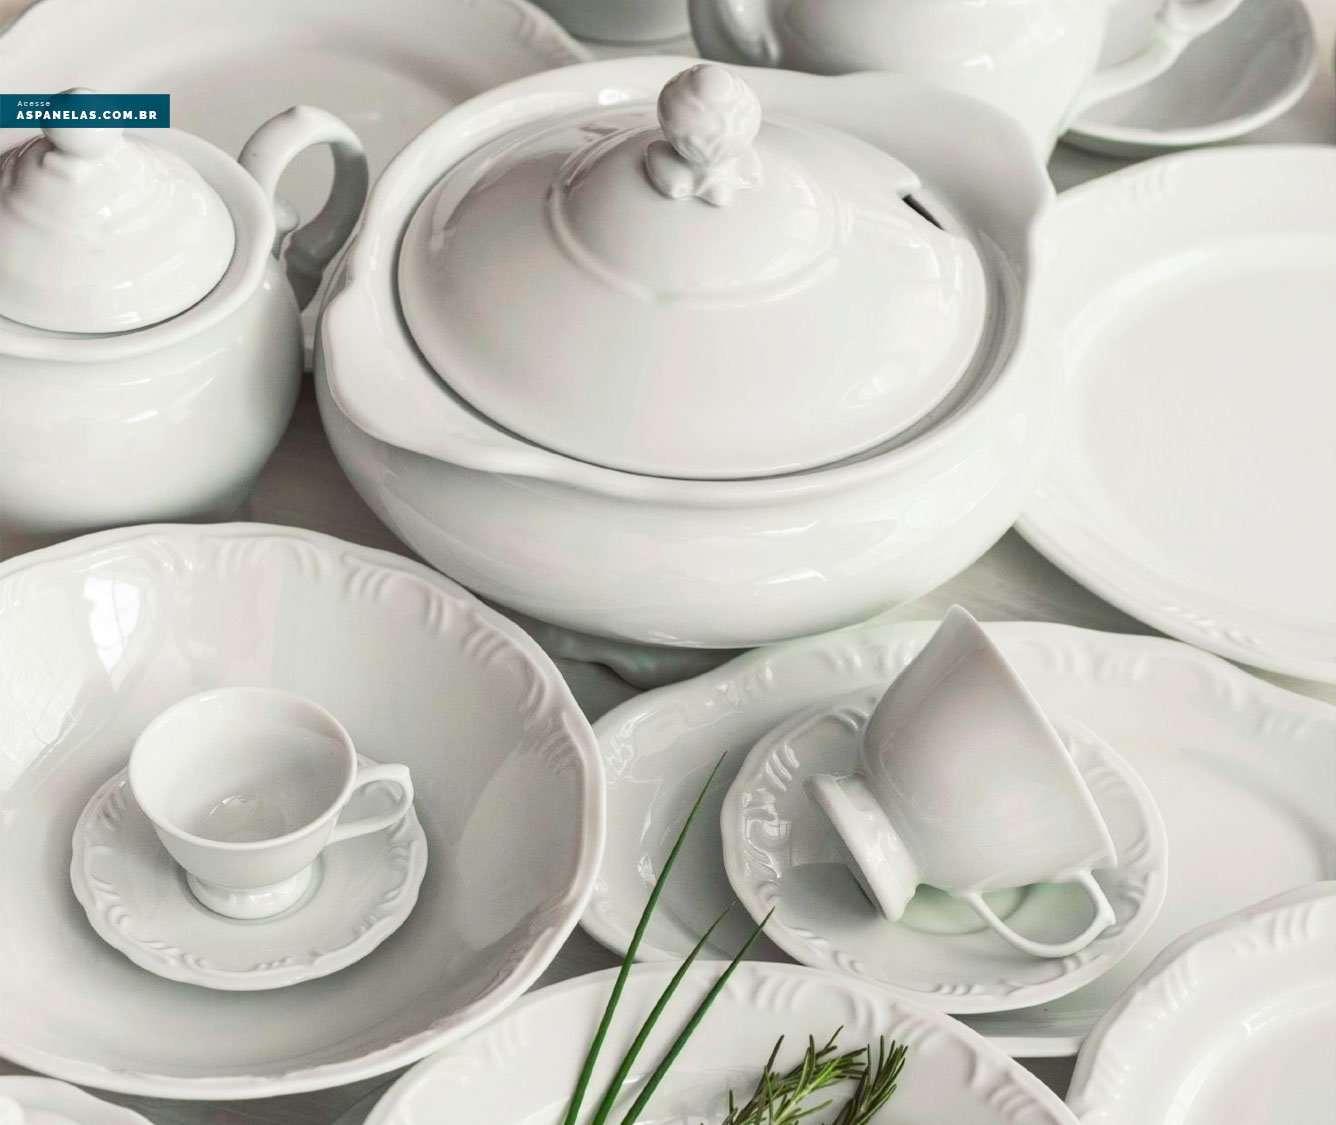 Baixela Porcelana Schmidt Pomerode Branco Promoção Oferta - As Panelas Guia de Compras